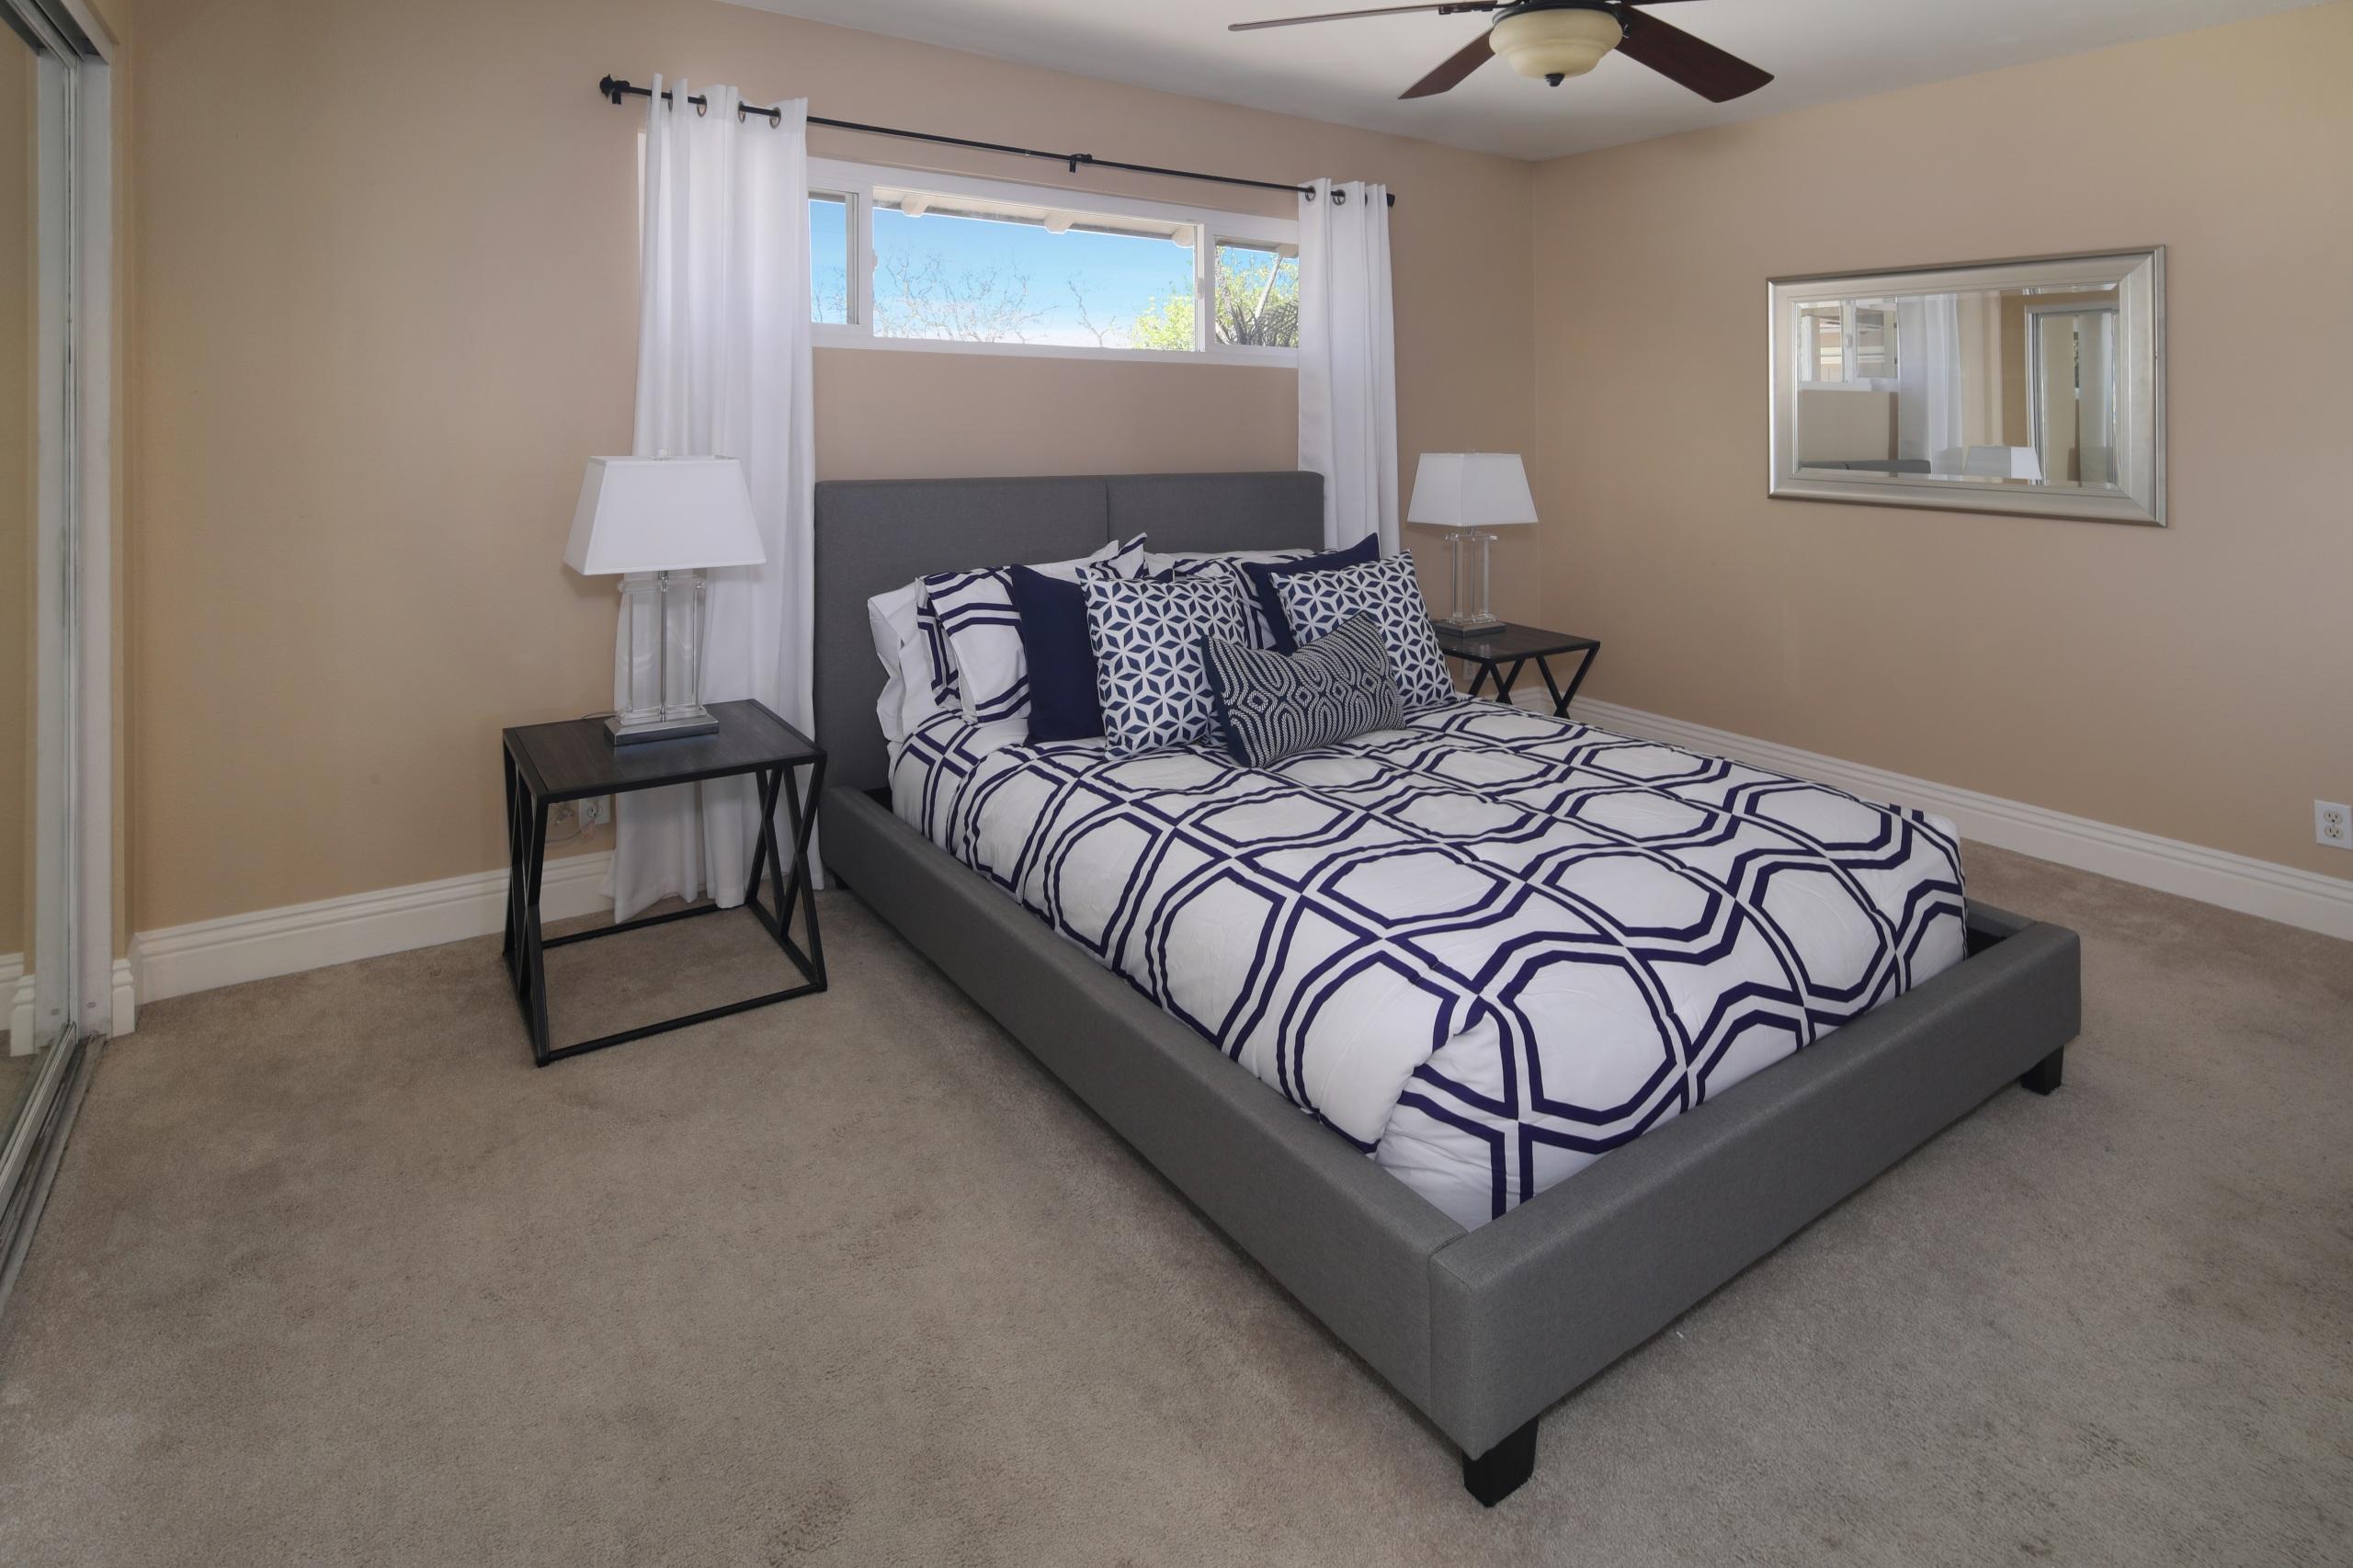 Картинка Спальня Интерьер Кровать подушка дизайна 2560x1706 спальни спальне кровате кровати Подушки Дизайн